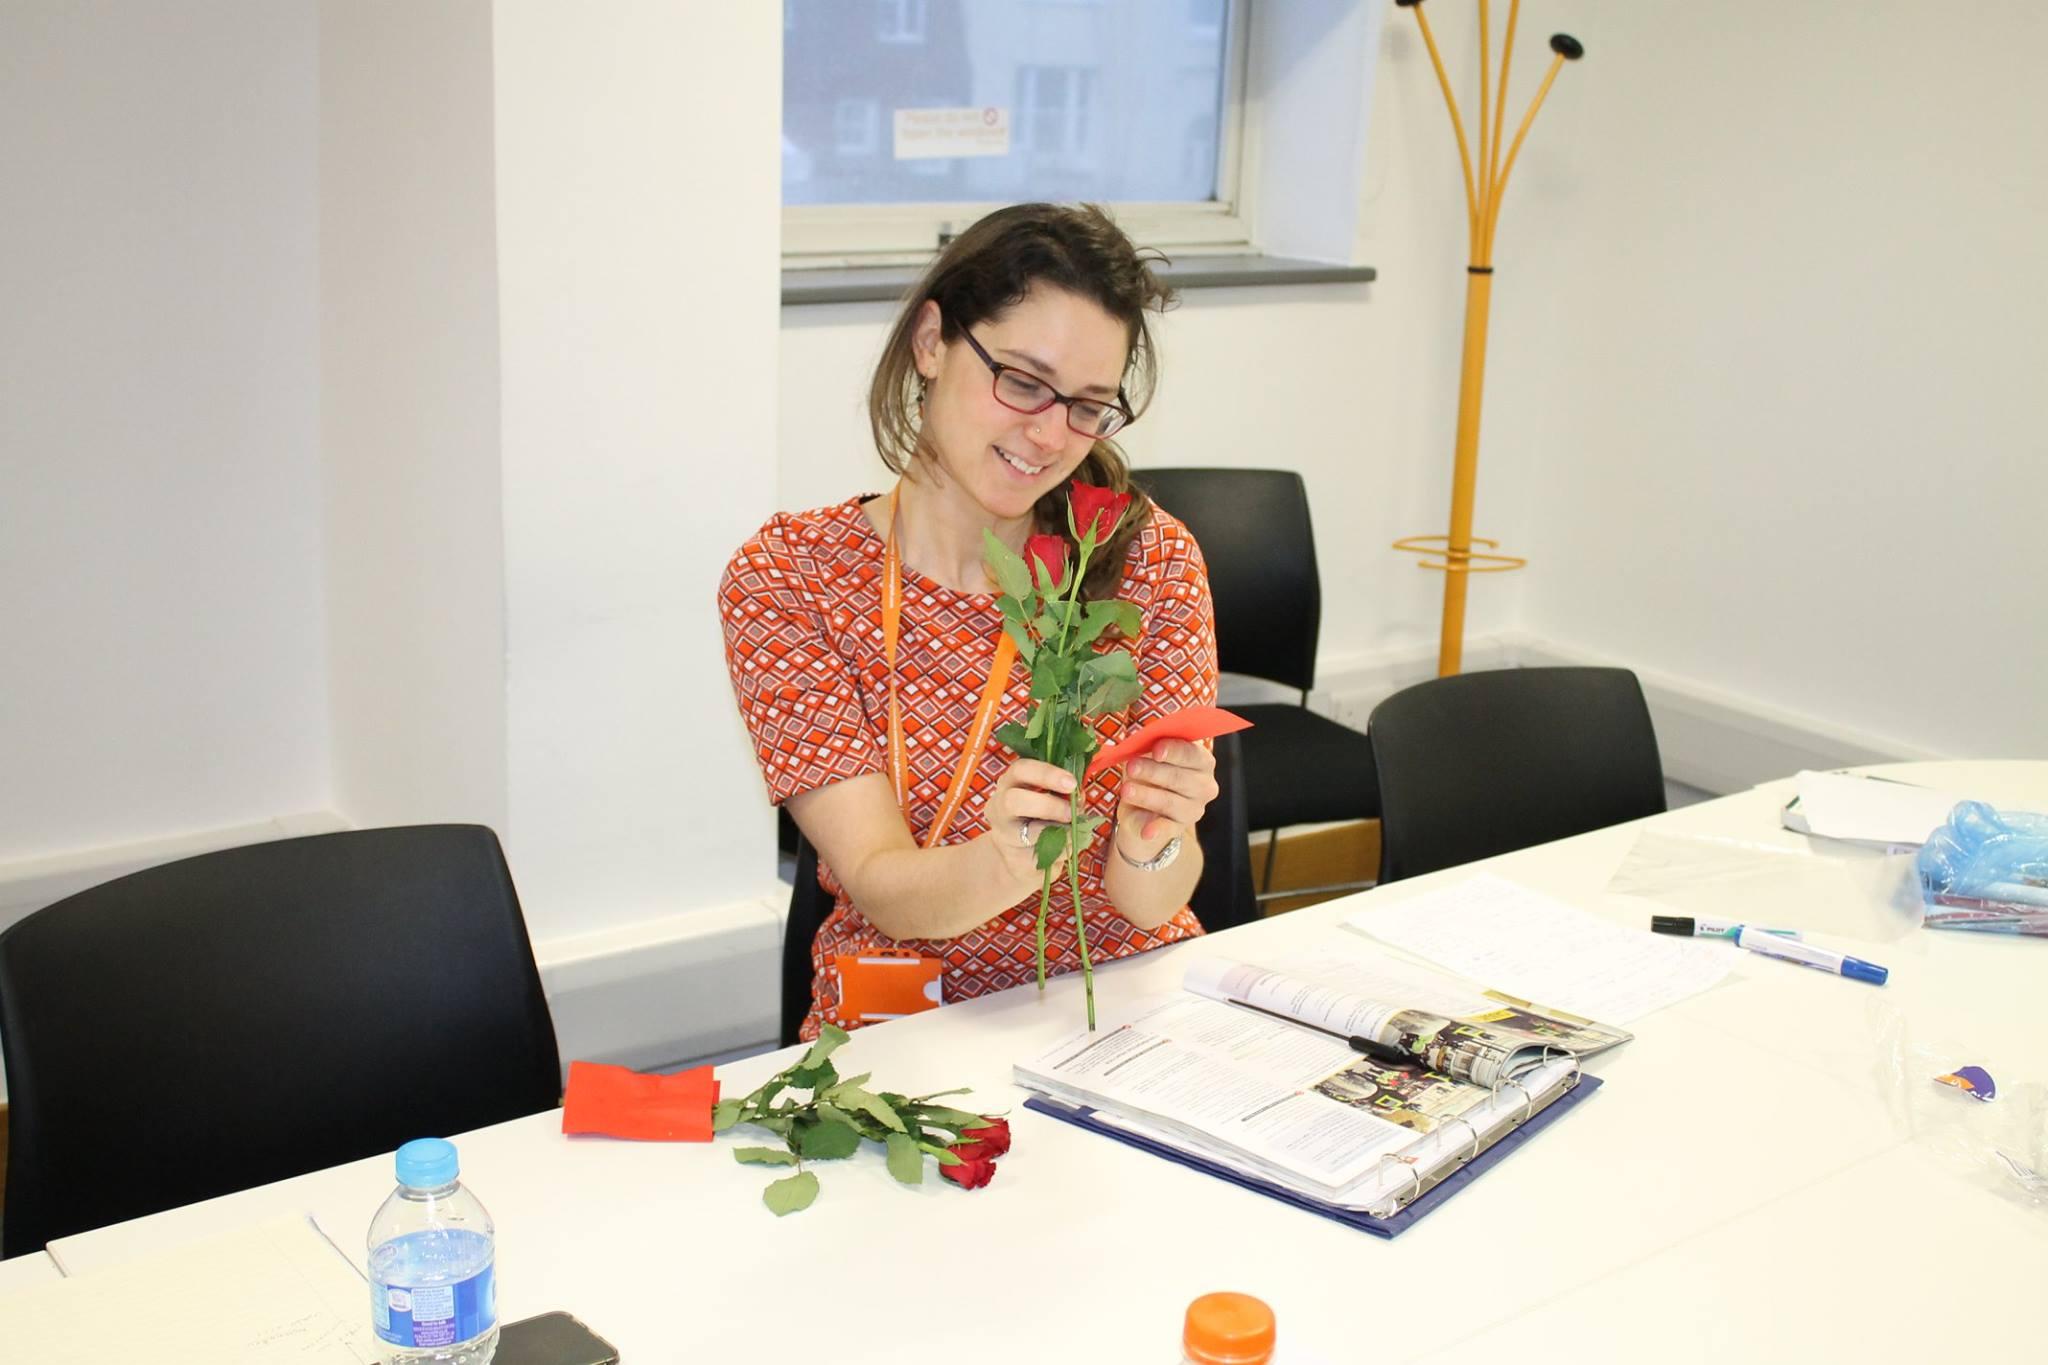 Valentines Rose 2 English Courses in Brighton